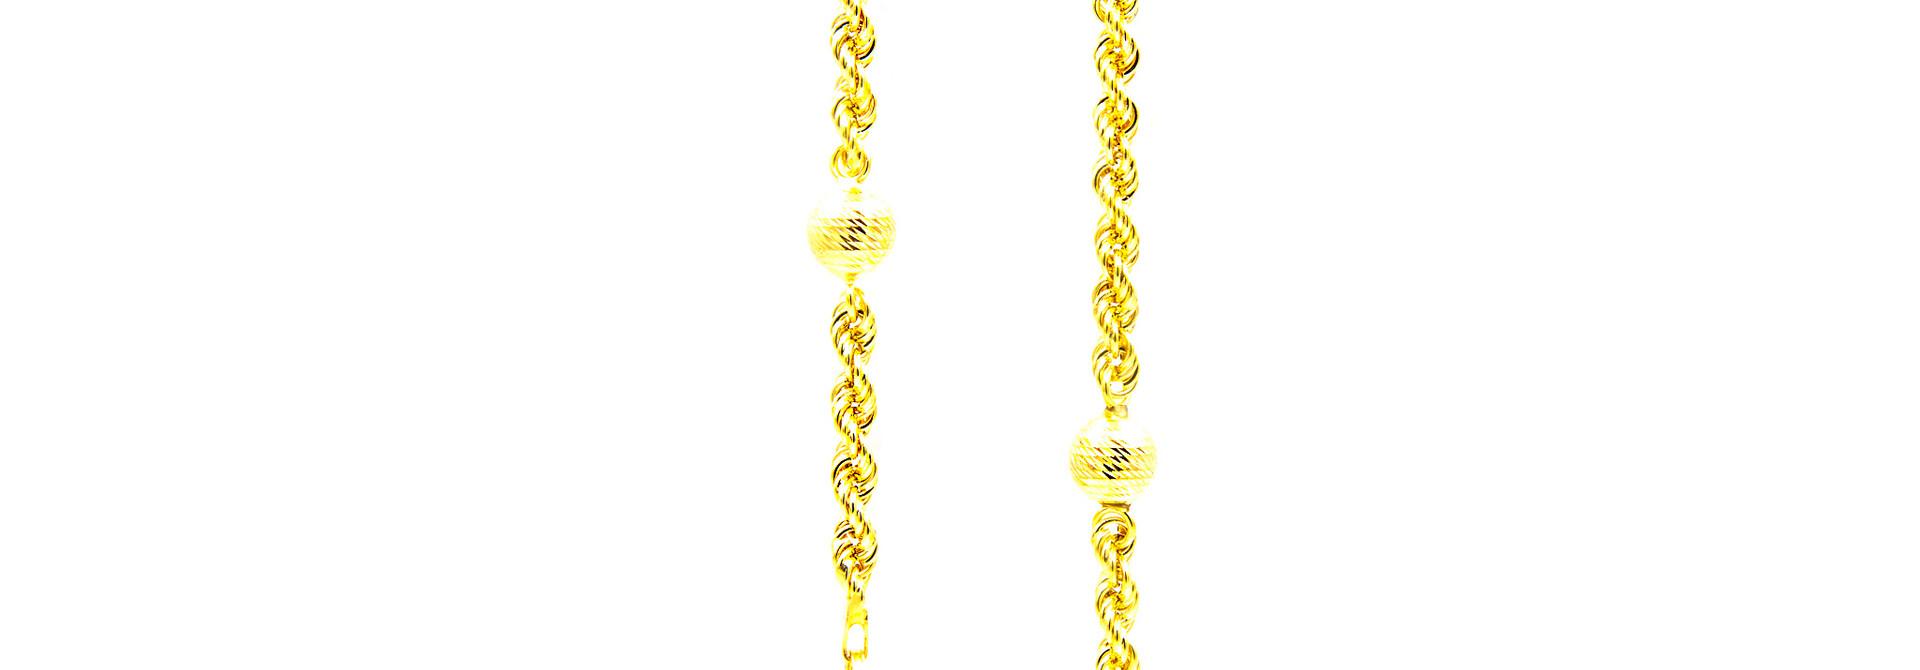 Ketting rope chain met 7 bewerkte bollen